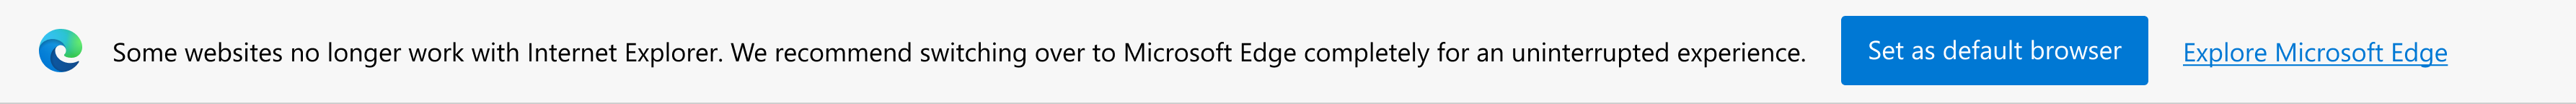 微软将不兼容 IE 的网站重定向至 Edge